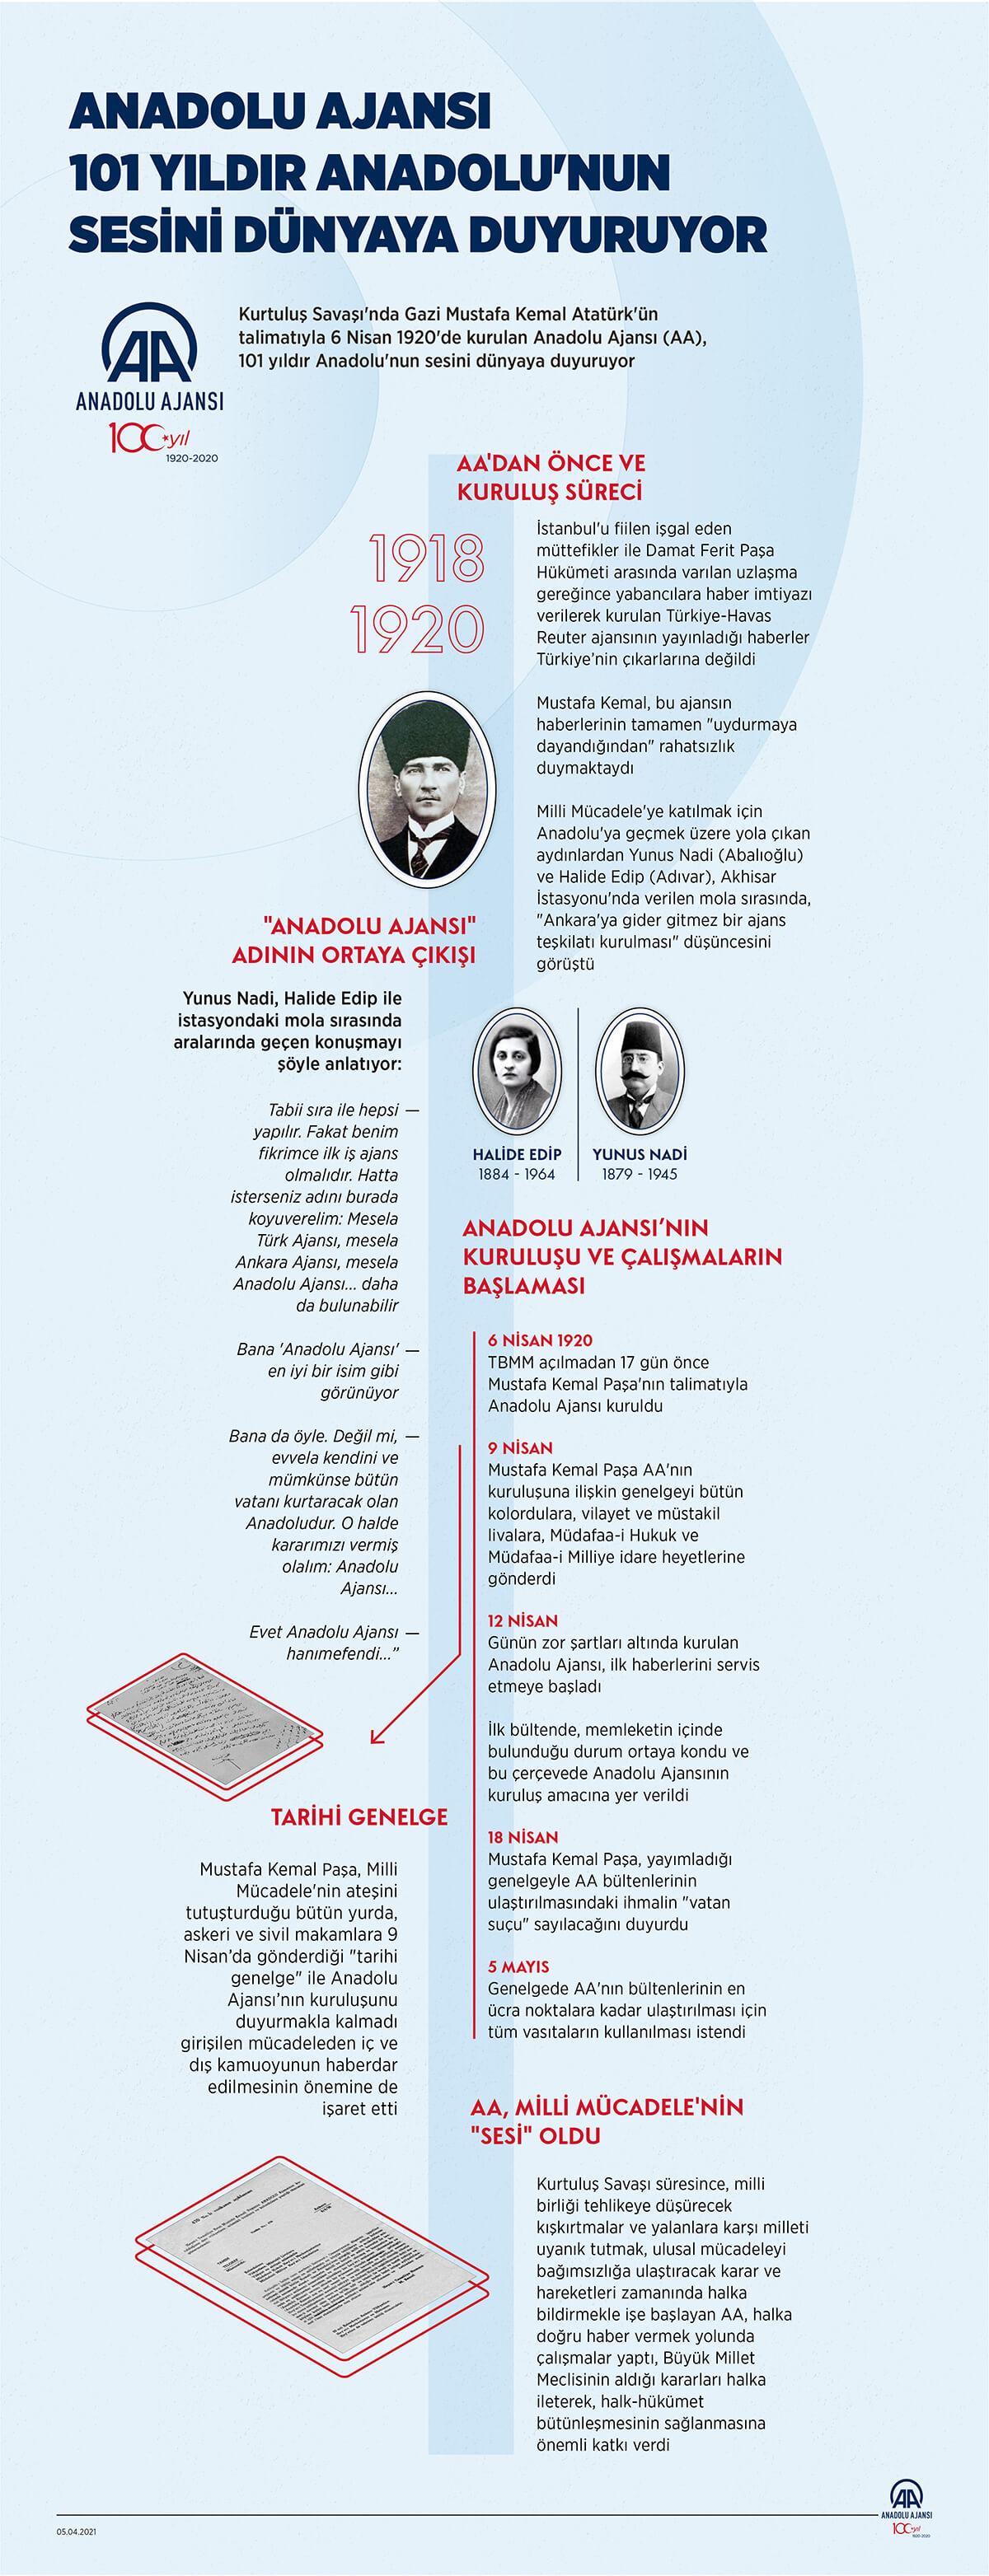 Anadolu Ajansı Ne Zaman Kim Tarafından Kuruldu